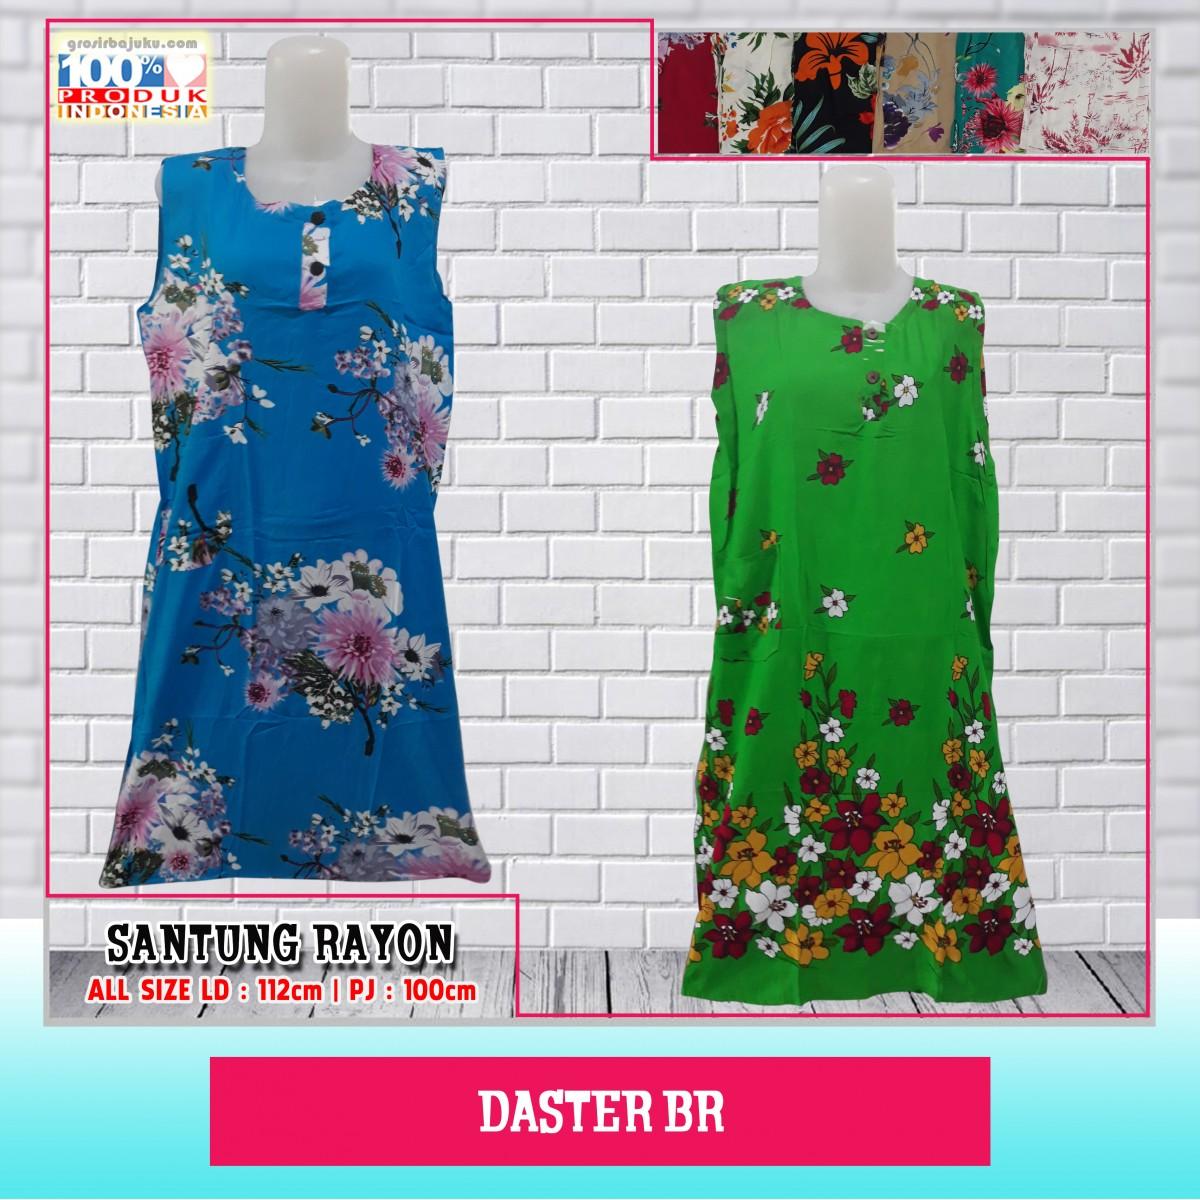 Pusat Grosir Baju Murah Solo Klewer 2019 Distributor Daster BR Murah di Solo